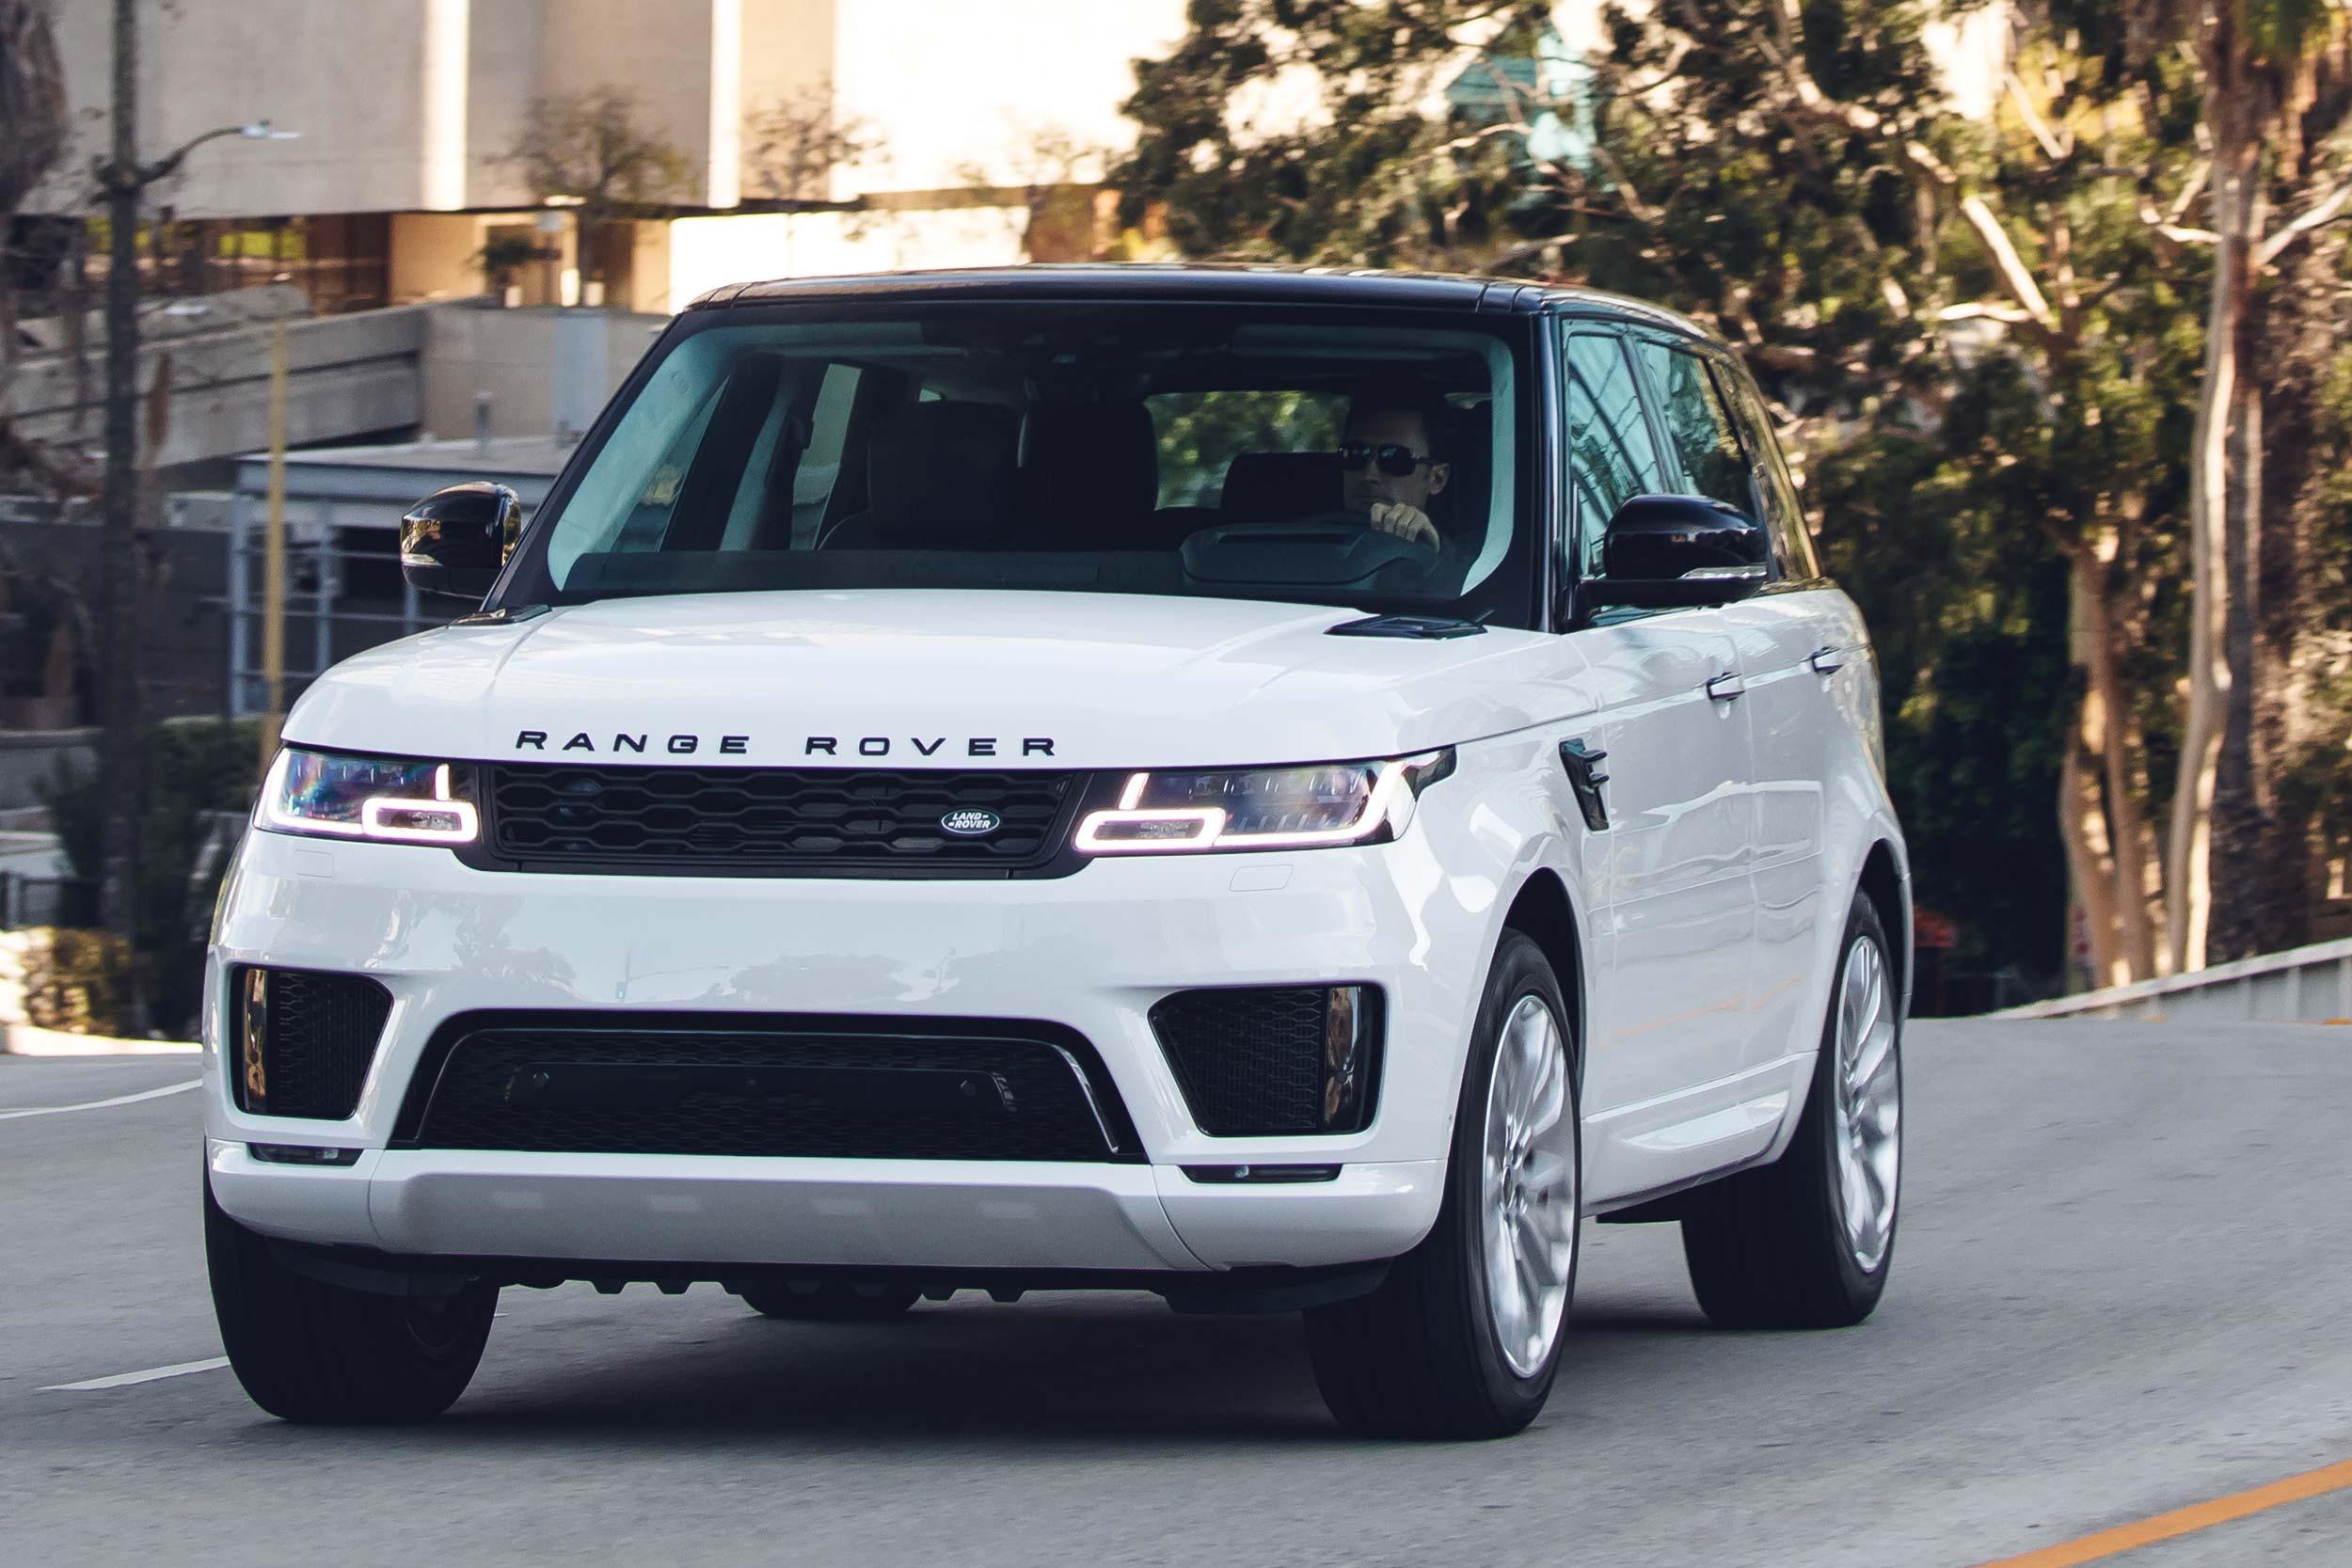 2019 land rover range rover sport se td6 diesel reviews msn autos. Black Bedroom Furniture Sets. Home Design Ideas